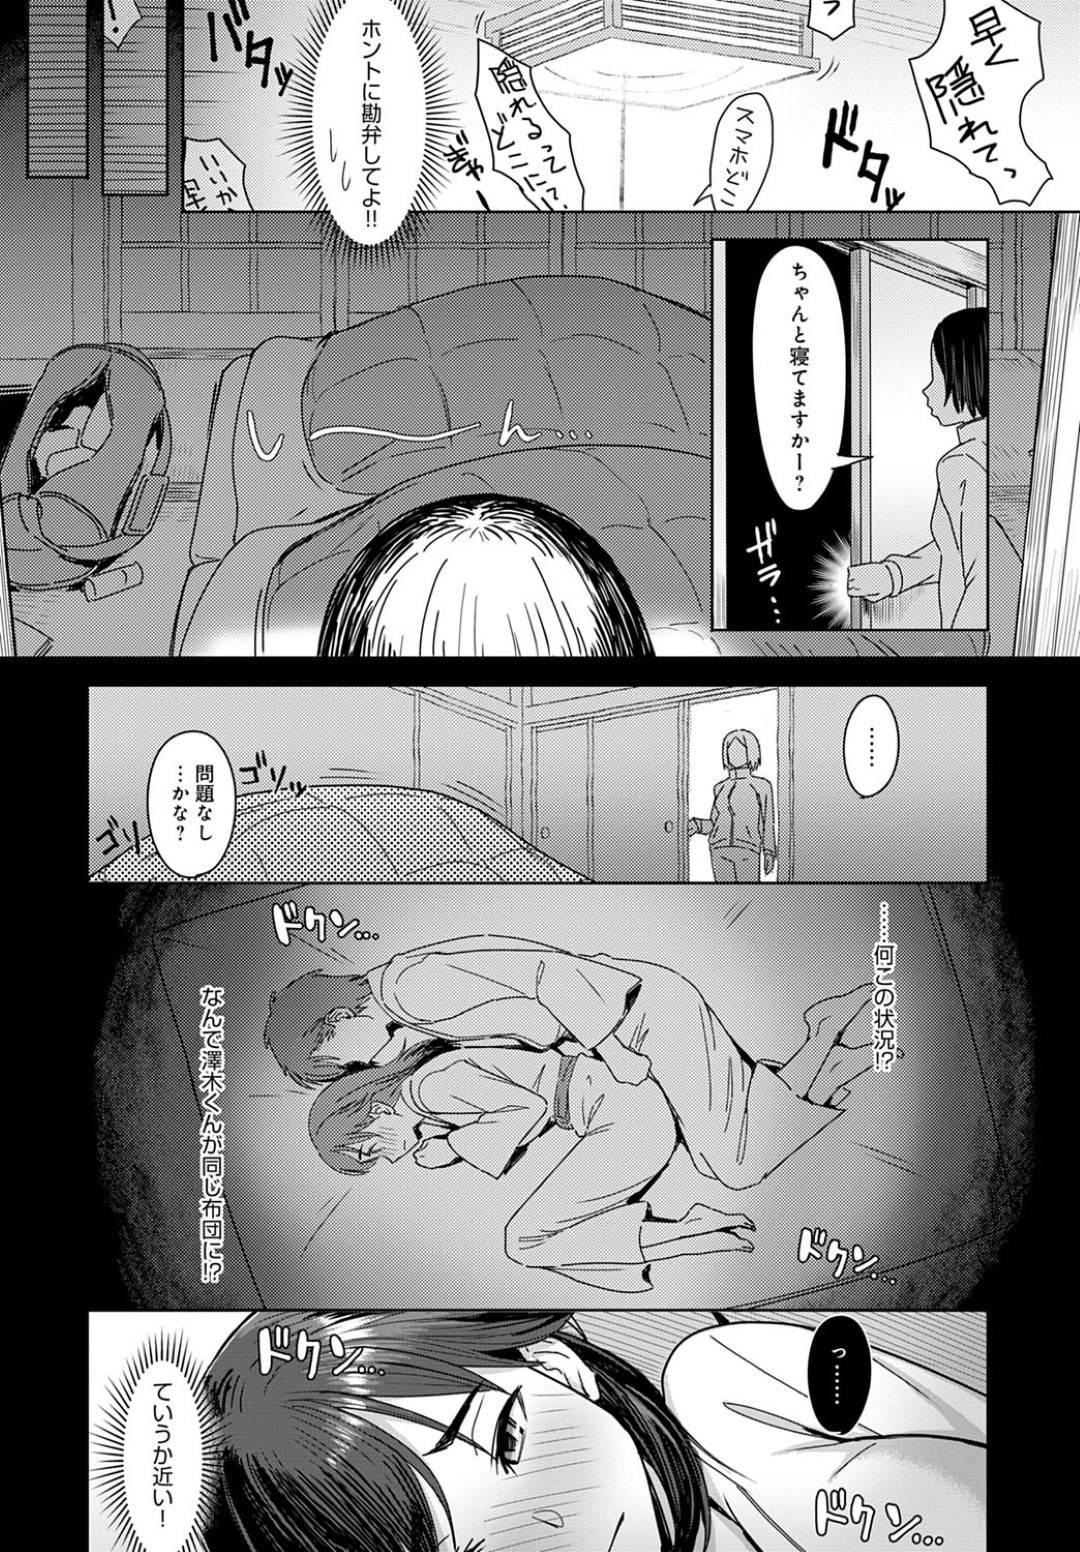 【エロ漫画】修学旅行中彼氏がいるのに布団の中で別の男子にレイプされたJK彼女…自由行動でその男子とラブホに行き、生ハメセックスで寝取られる【うつつ*みのる:雪蕩けを誘う熱】